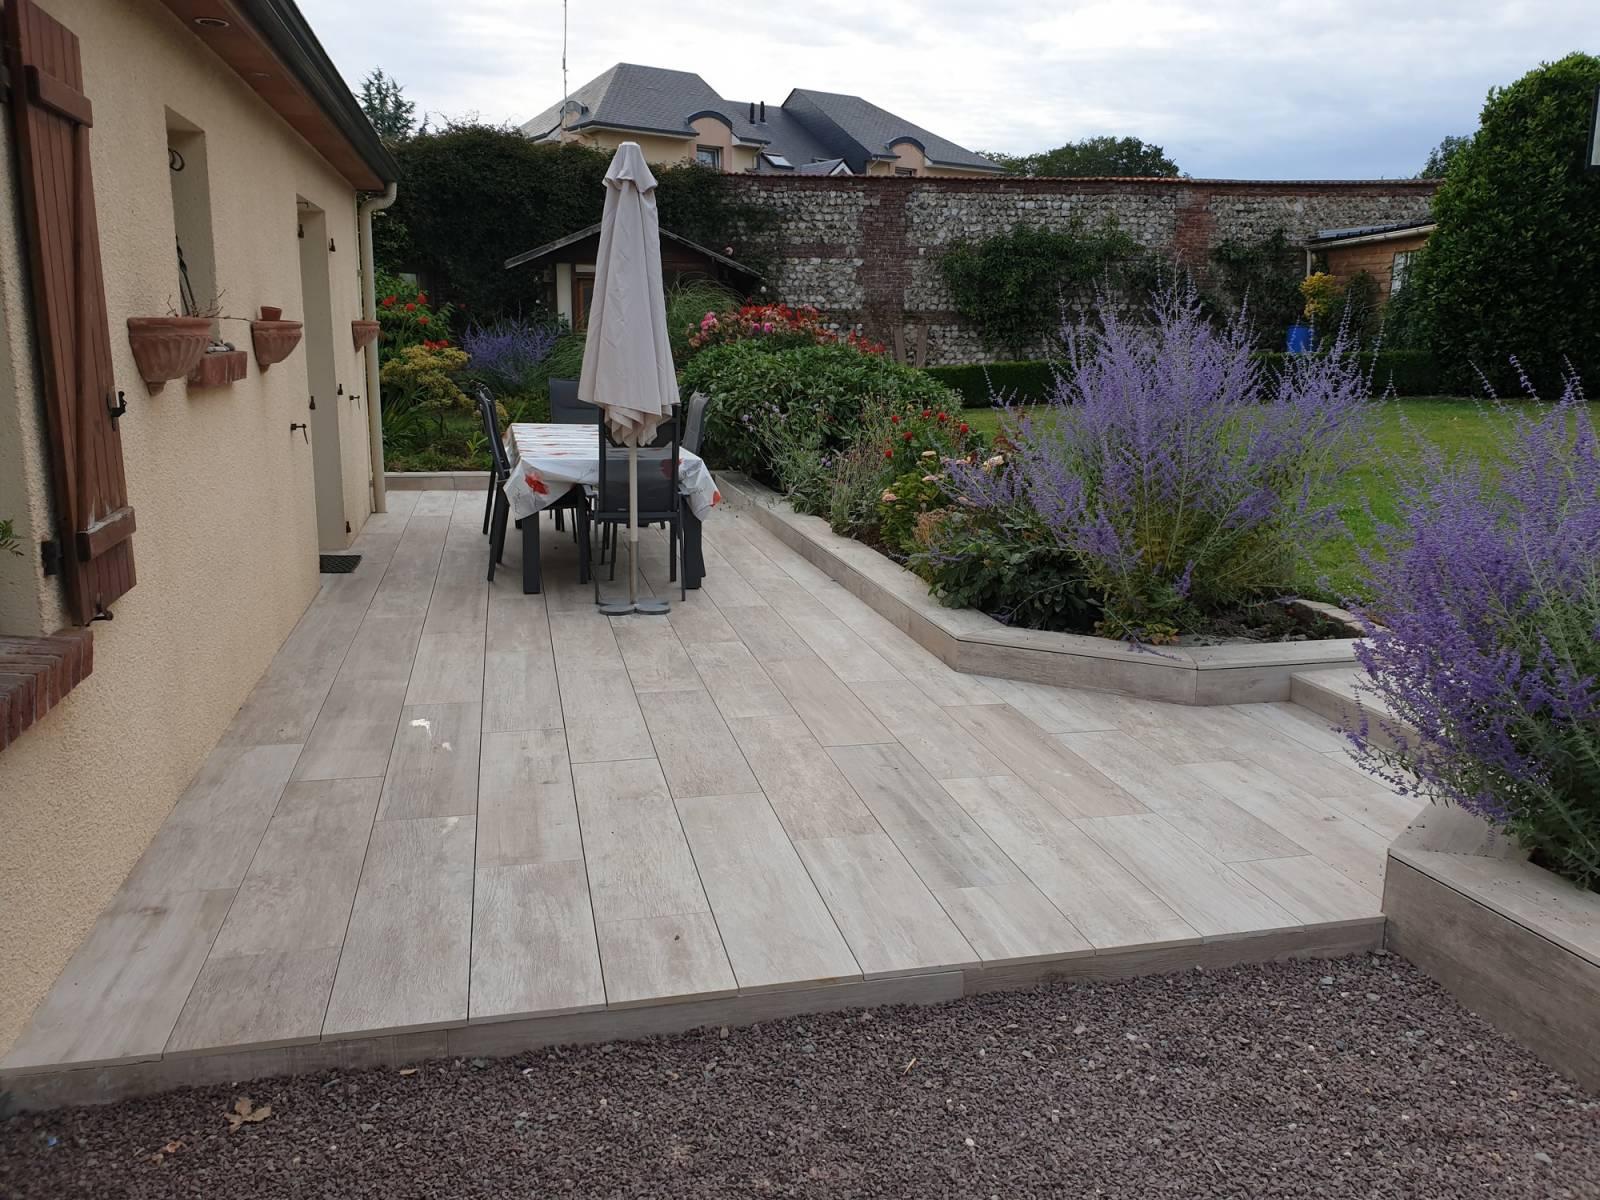 Pose Et Agrandissement D'une Terrasse En Dalle Céramique Sur ... à Dalle Terrasse Imitation Bois Sur Plot